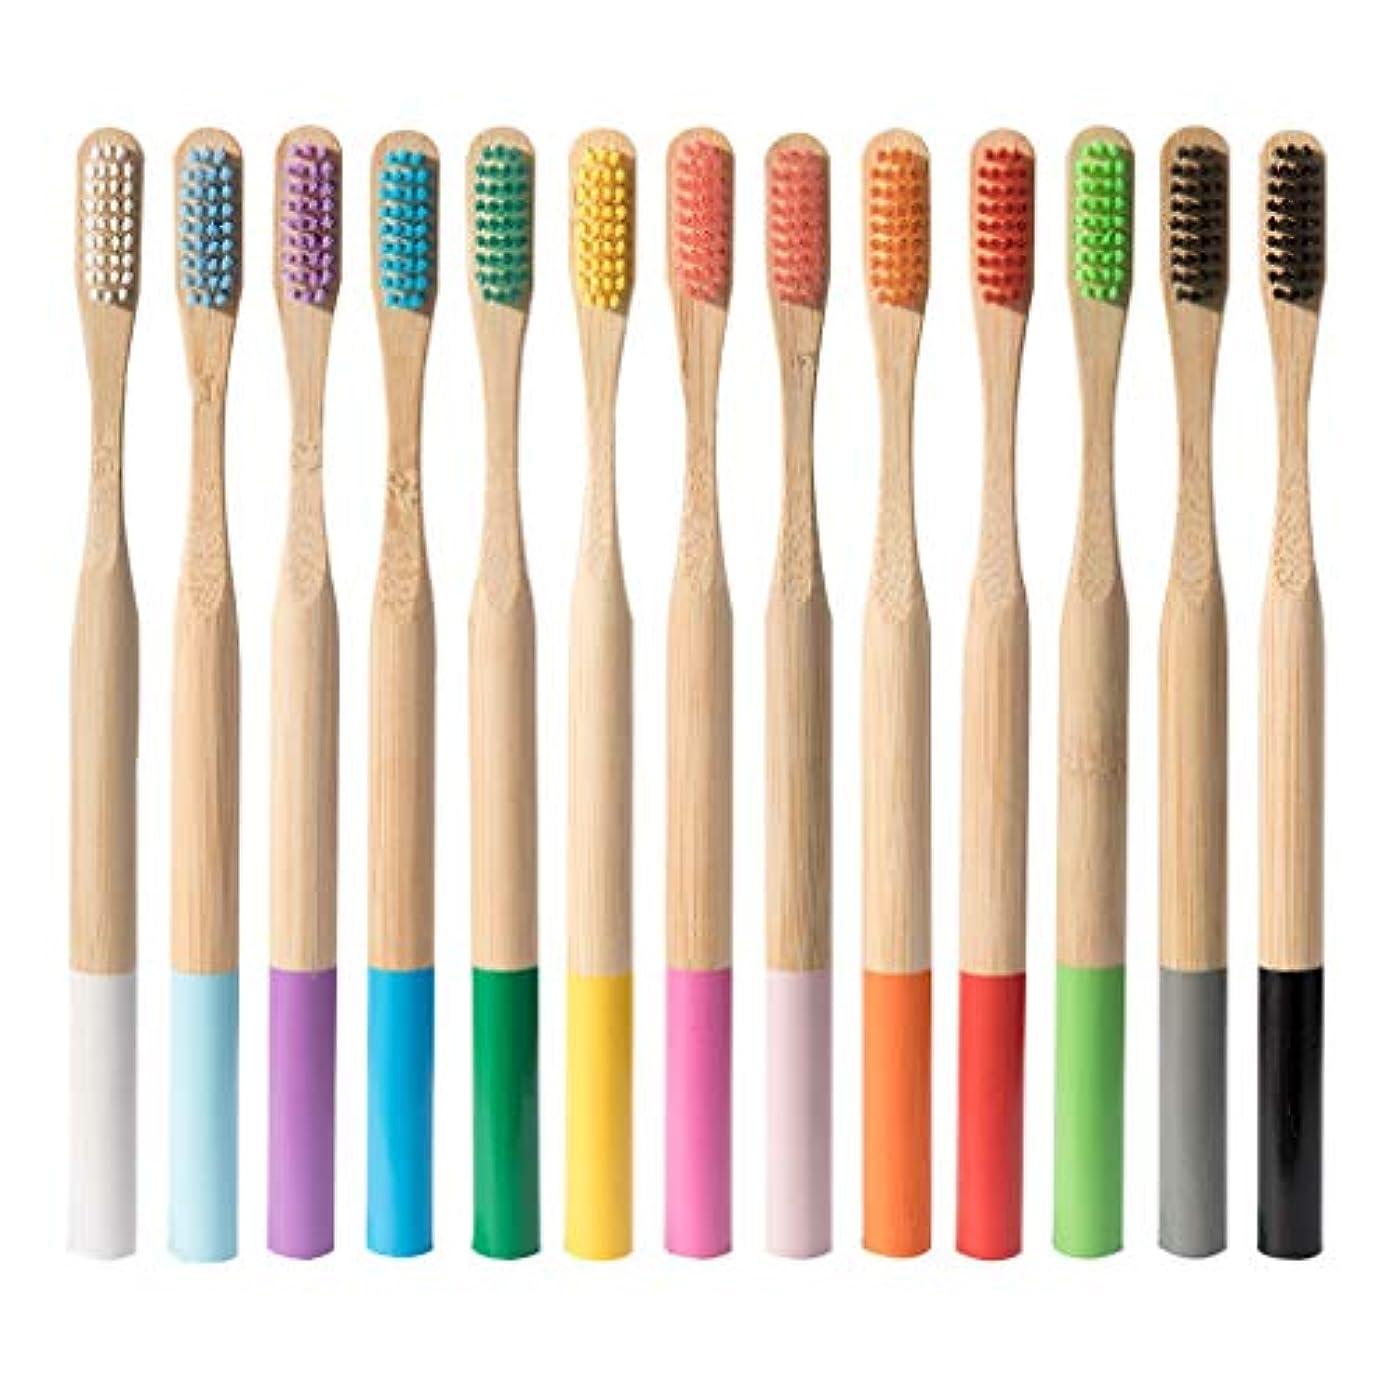 マンハッタン伝染性の作成するDream ハブラシ 大人用竹の歯ブラシ 歯ブラシ 天然木 環境保護 柔らかい (多色)